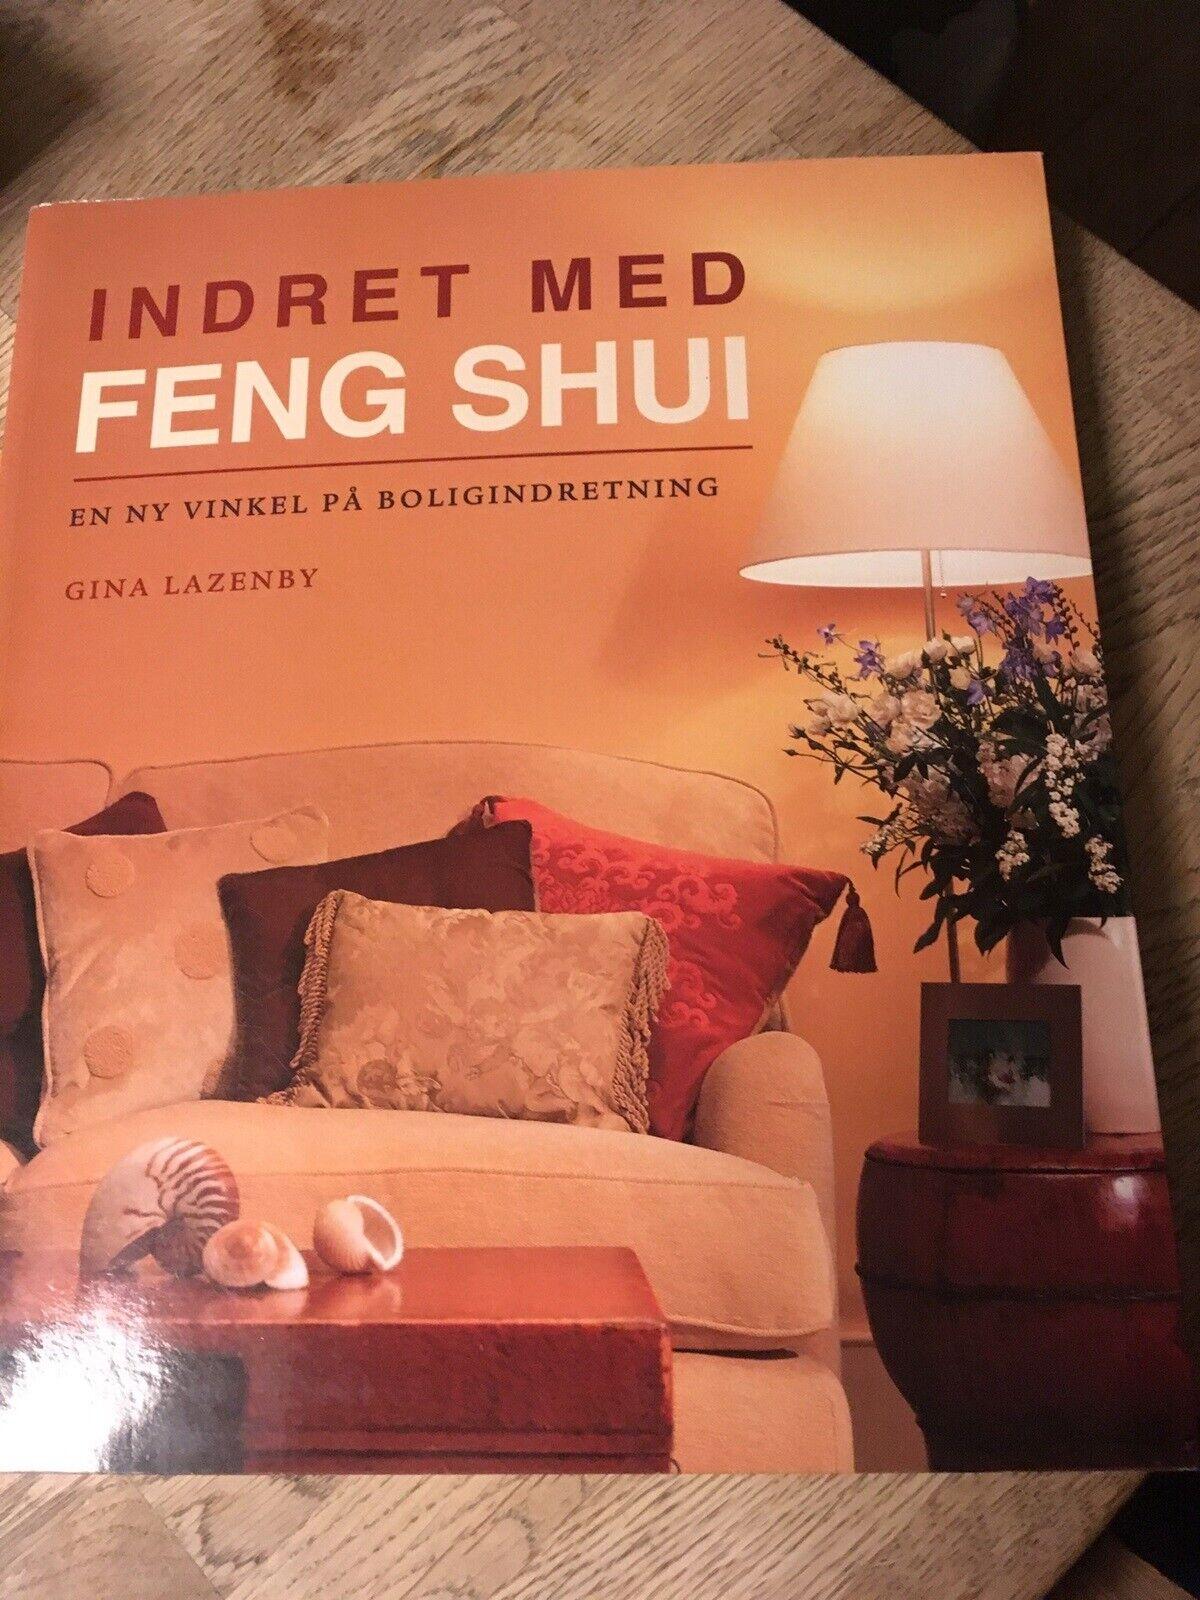 Picture of: Indret Med Feng Shui En Ny Vinkel Pa Boligindretning Emne Personlig Udvikling Dba Dk Kob Og Salg Af Nyt Og Brugt